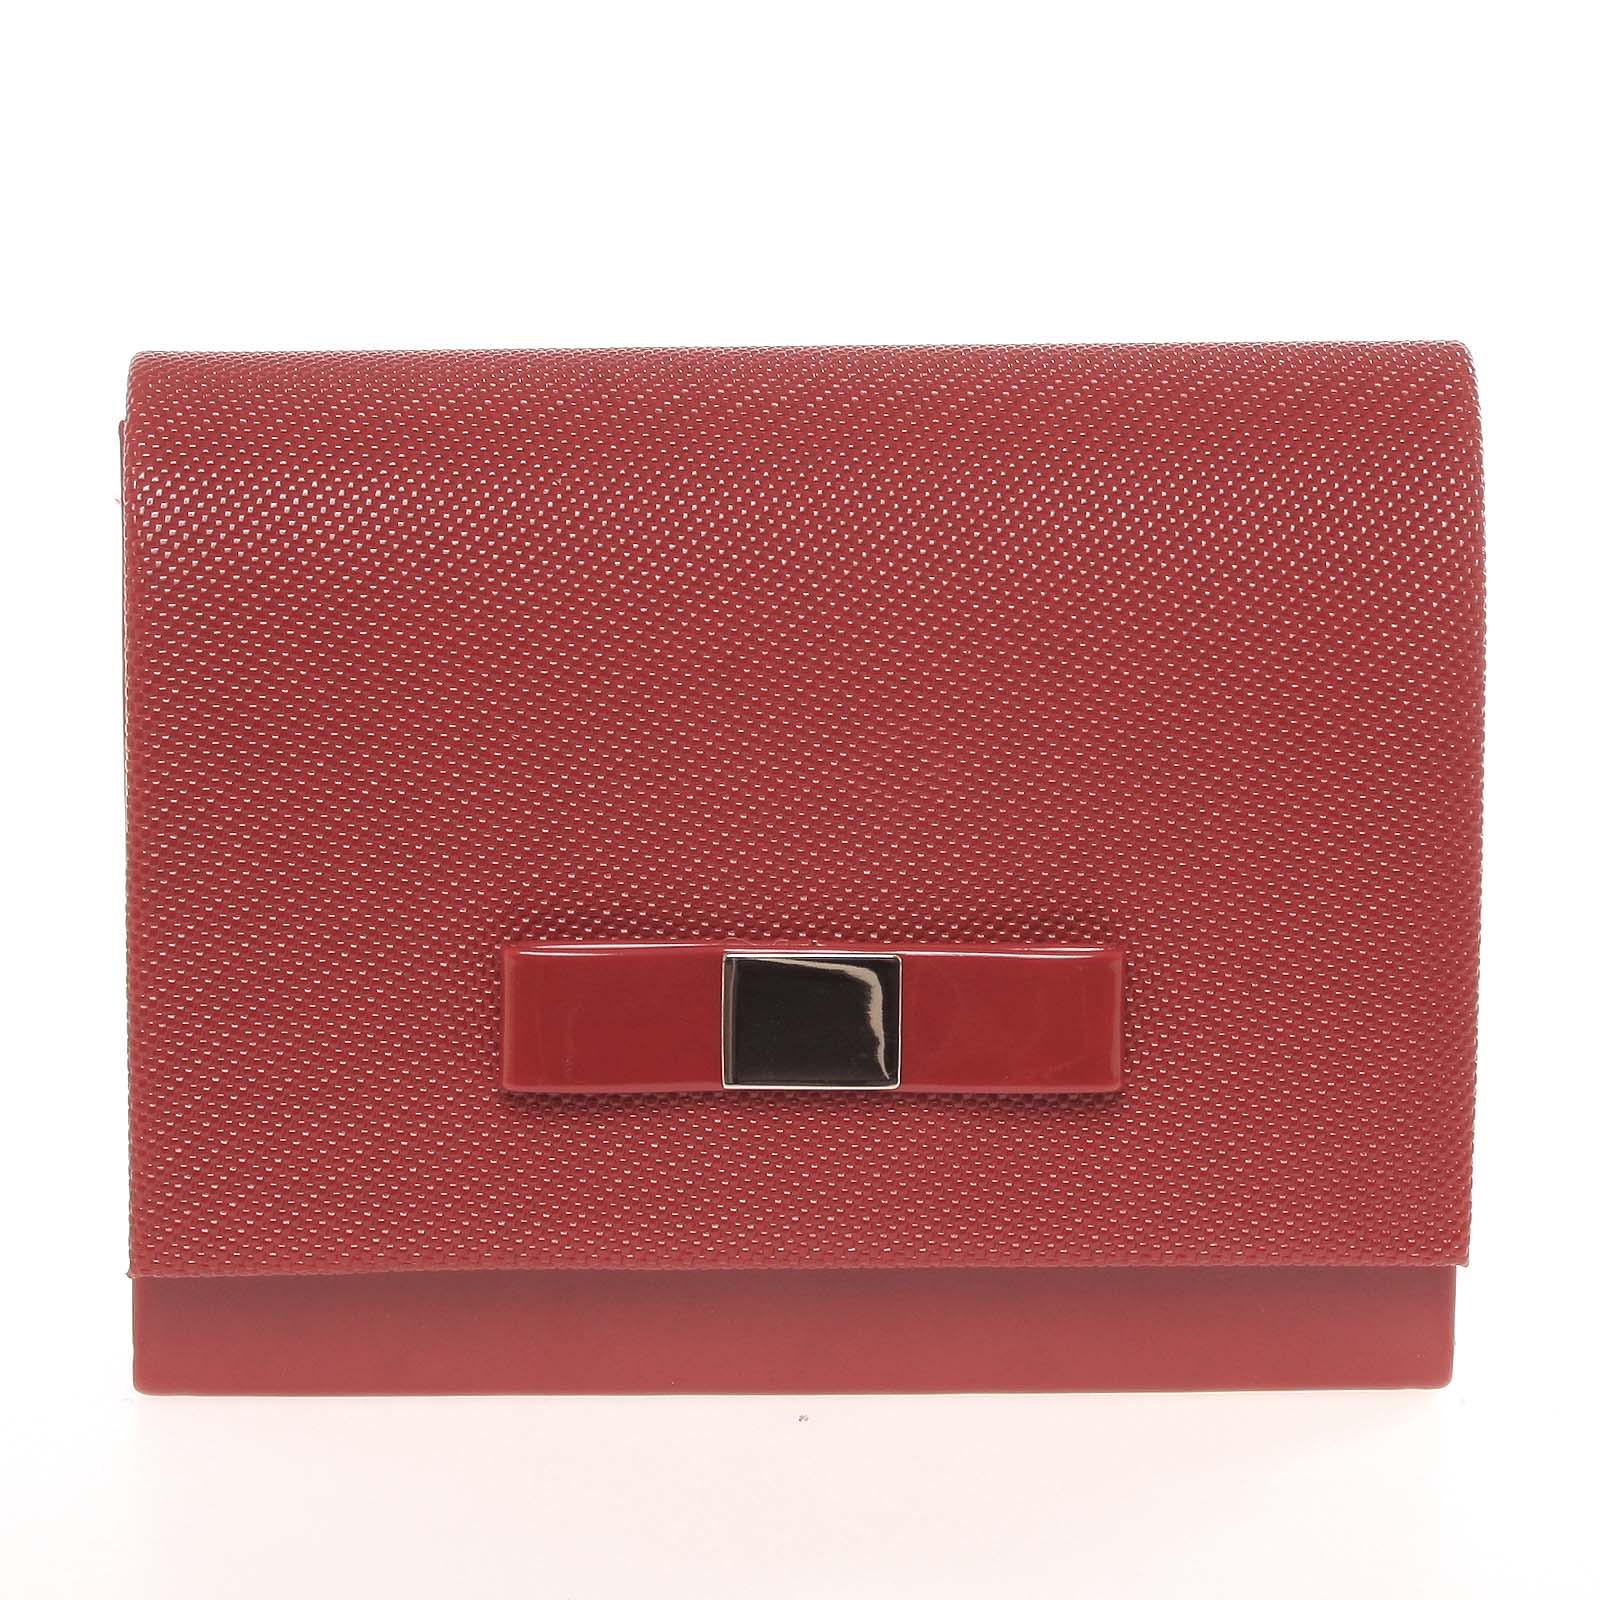 Luxusní dámské psaníčko lesklé červené se vzorem - Delami Chicago Fresno